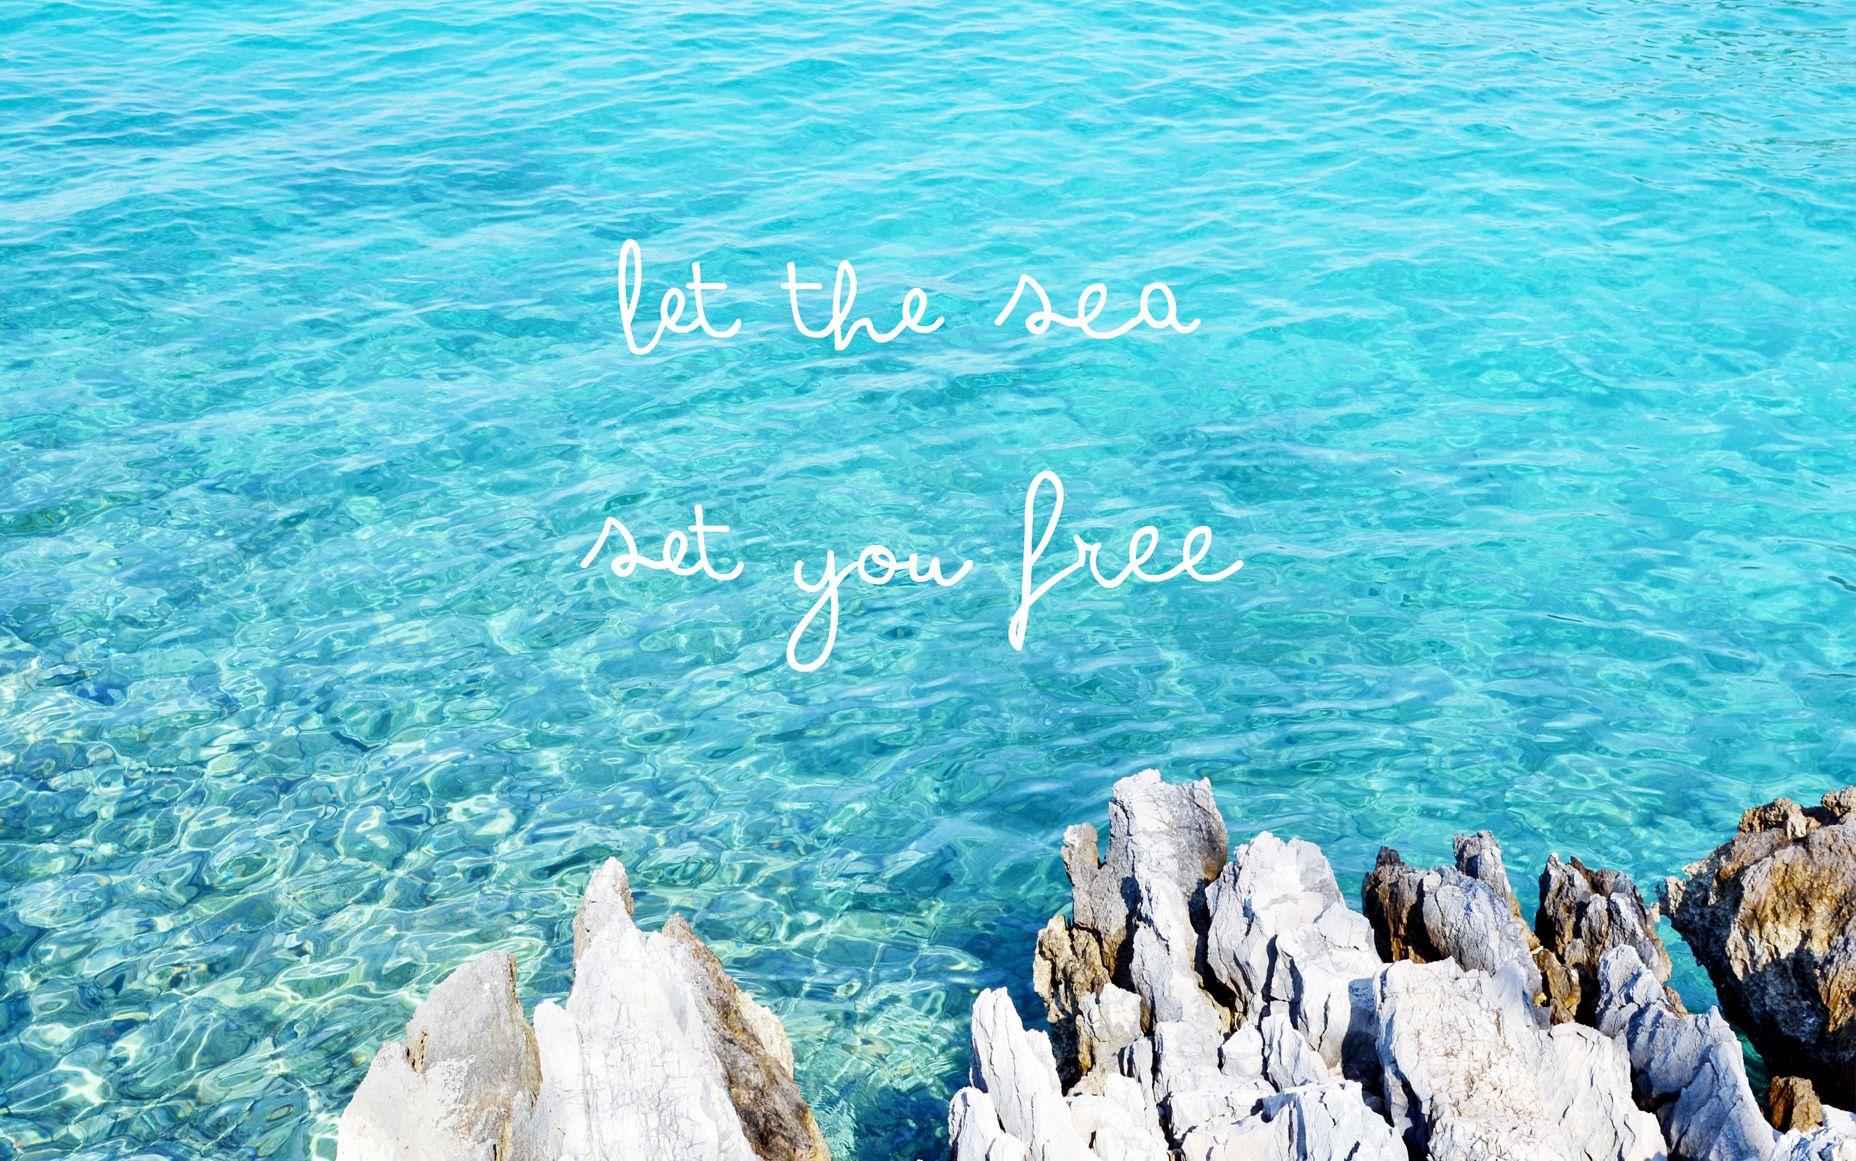 Aqua sea ocean view Sea desktop wallpaper background 1856x1161